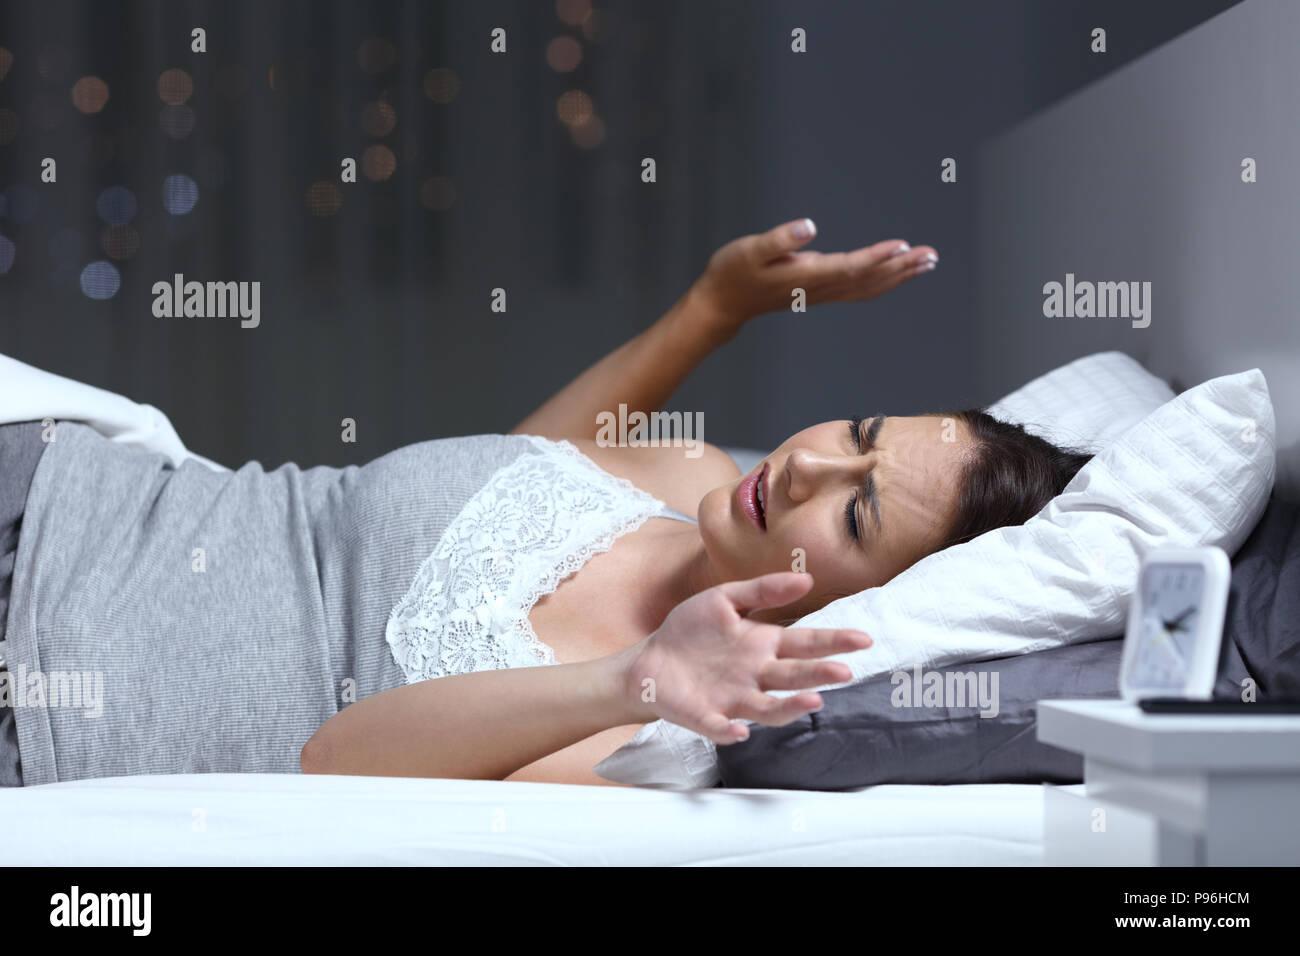 Frau, die ein Alptraum auf dem Bett in der Nacht zu Hause liegen Stockbild